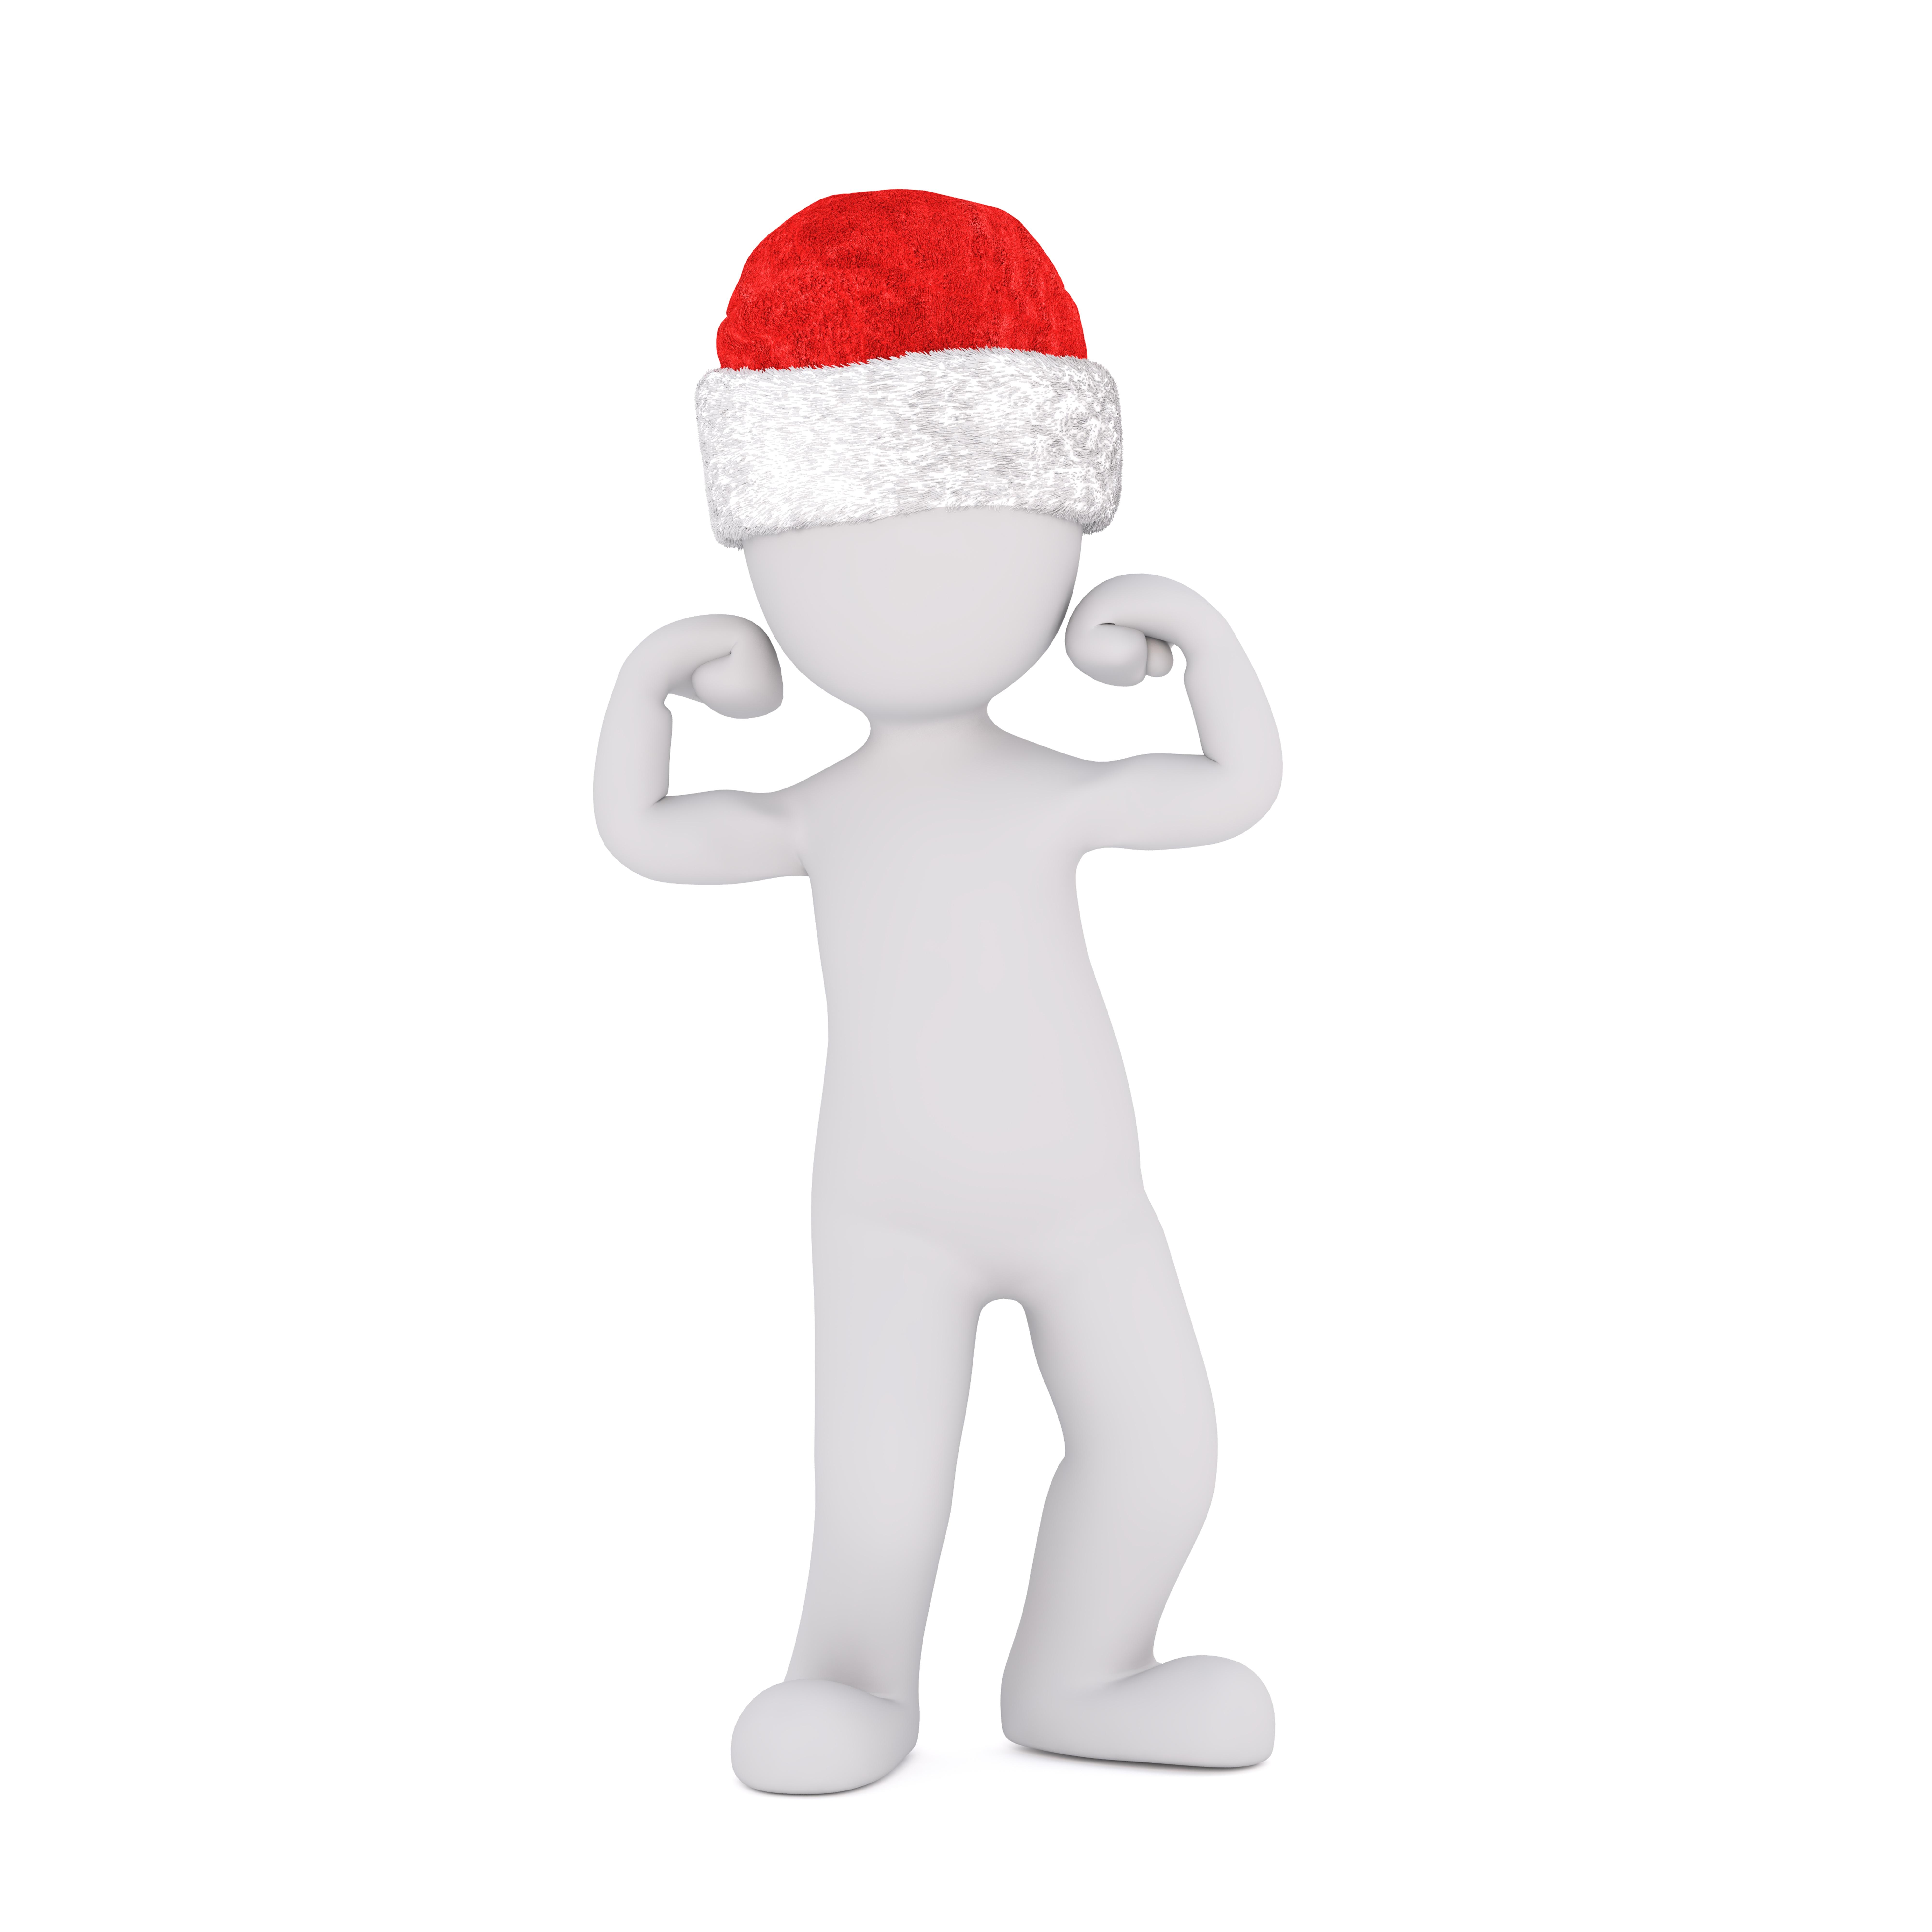 Gambar Tangan Terpencil Jari Menunjukkan Gerakan Hari Natal